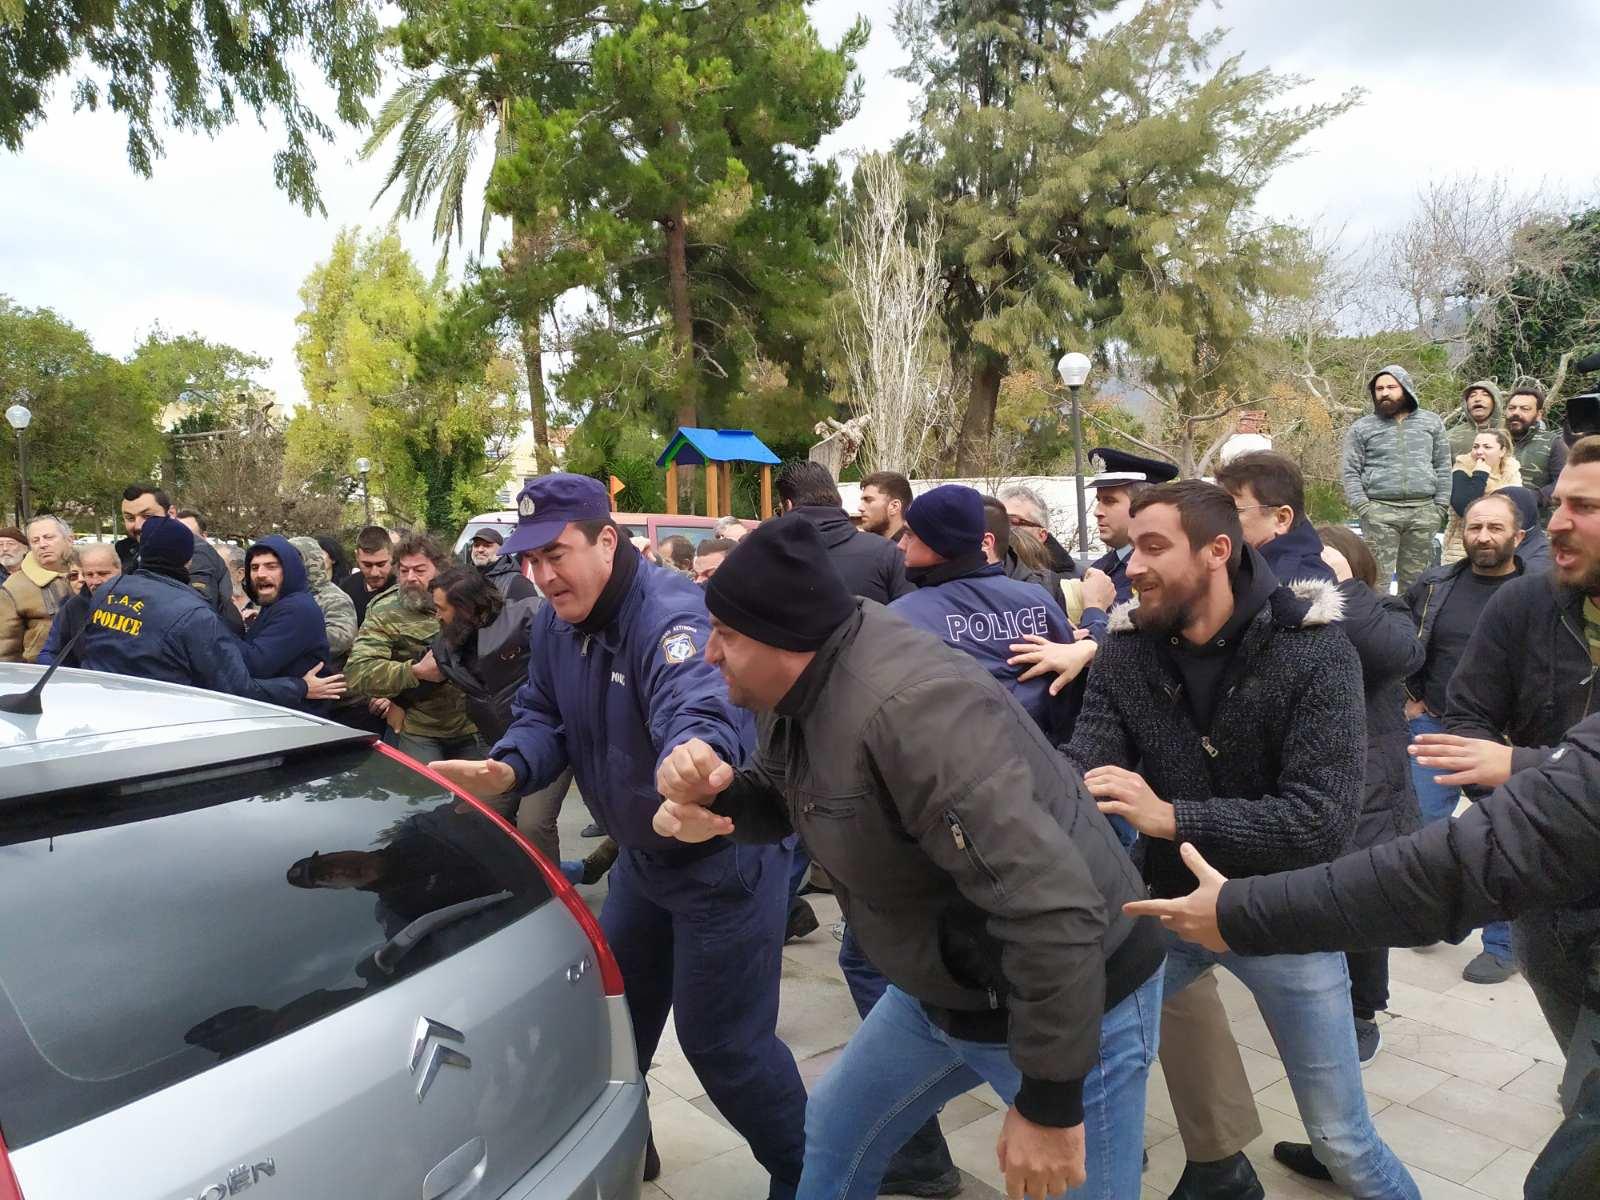 Τα 7 εγκλήματα που πάγωσαν την Κρήτη και συντάραξαν τη χώρα (video)